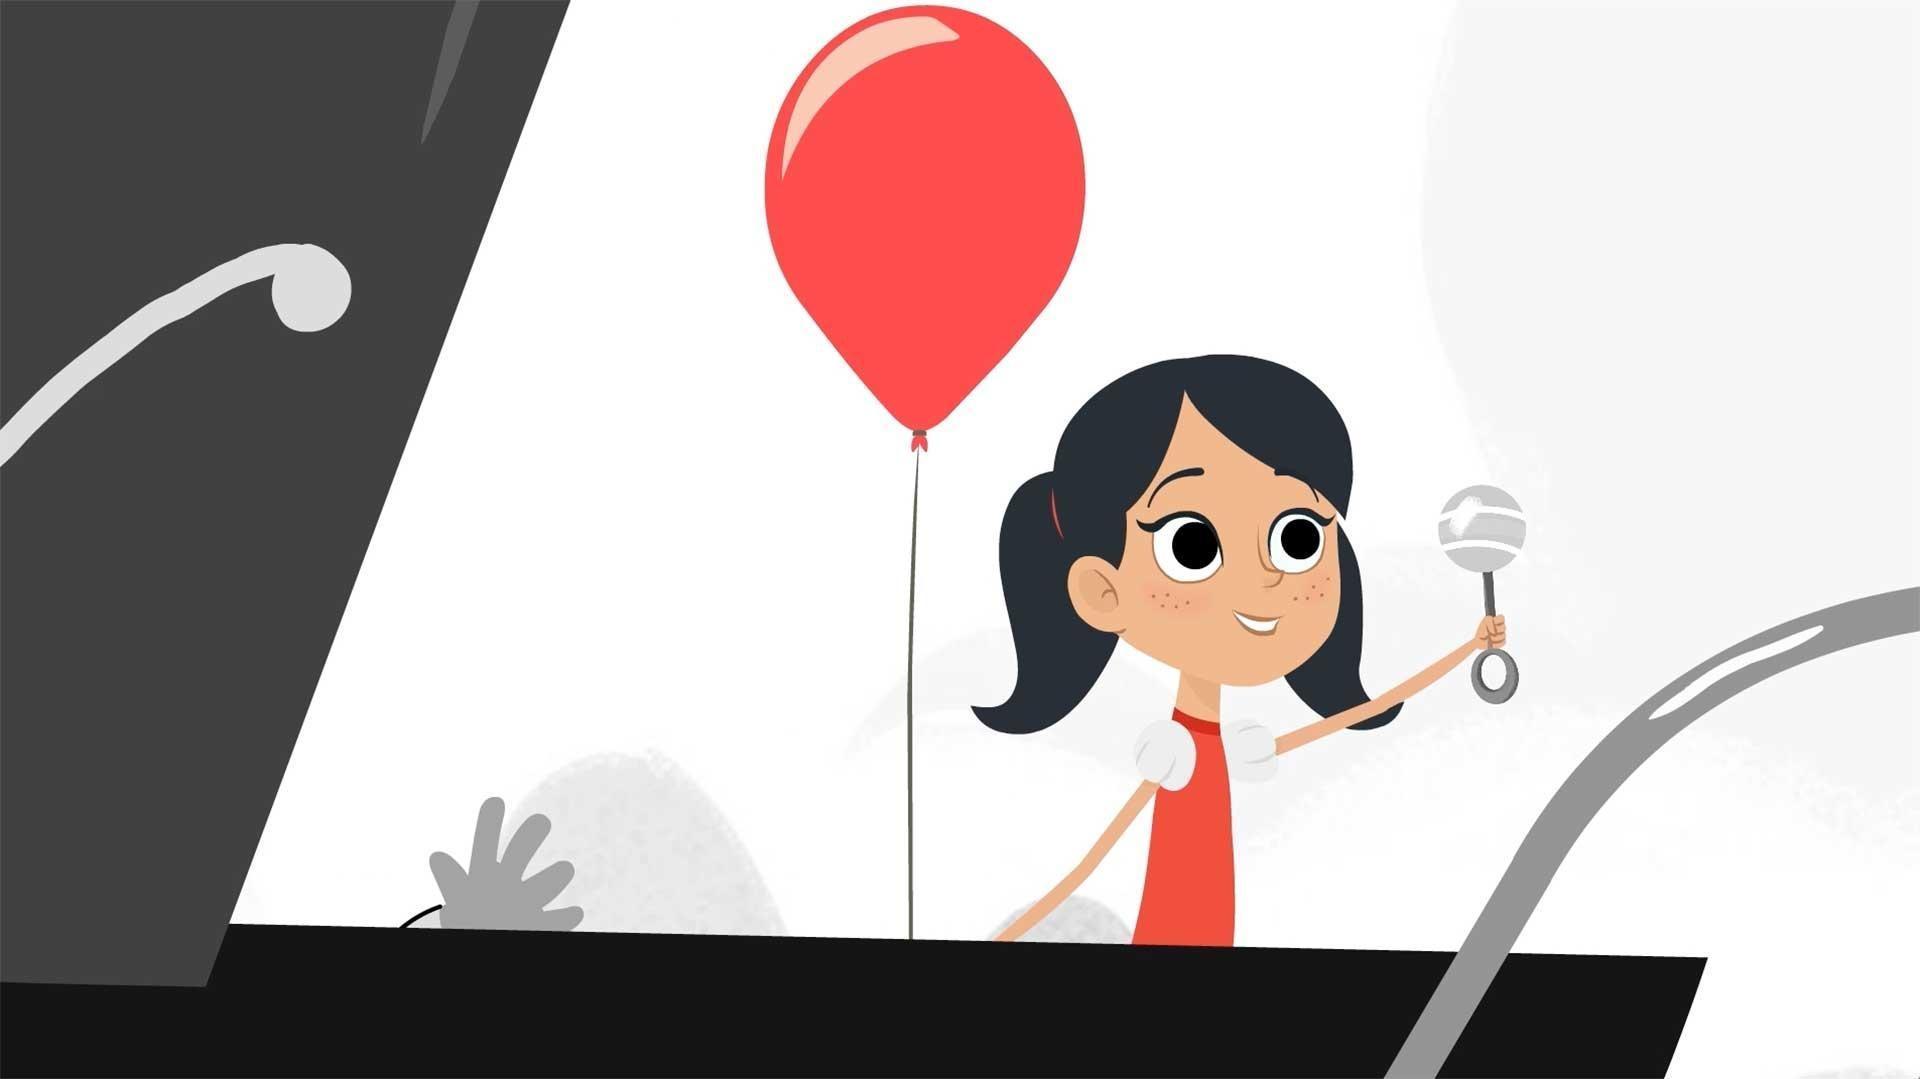 Balloon Girl | PBS Online Film Festival